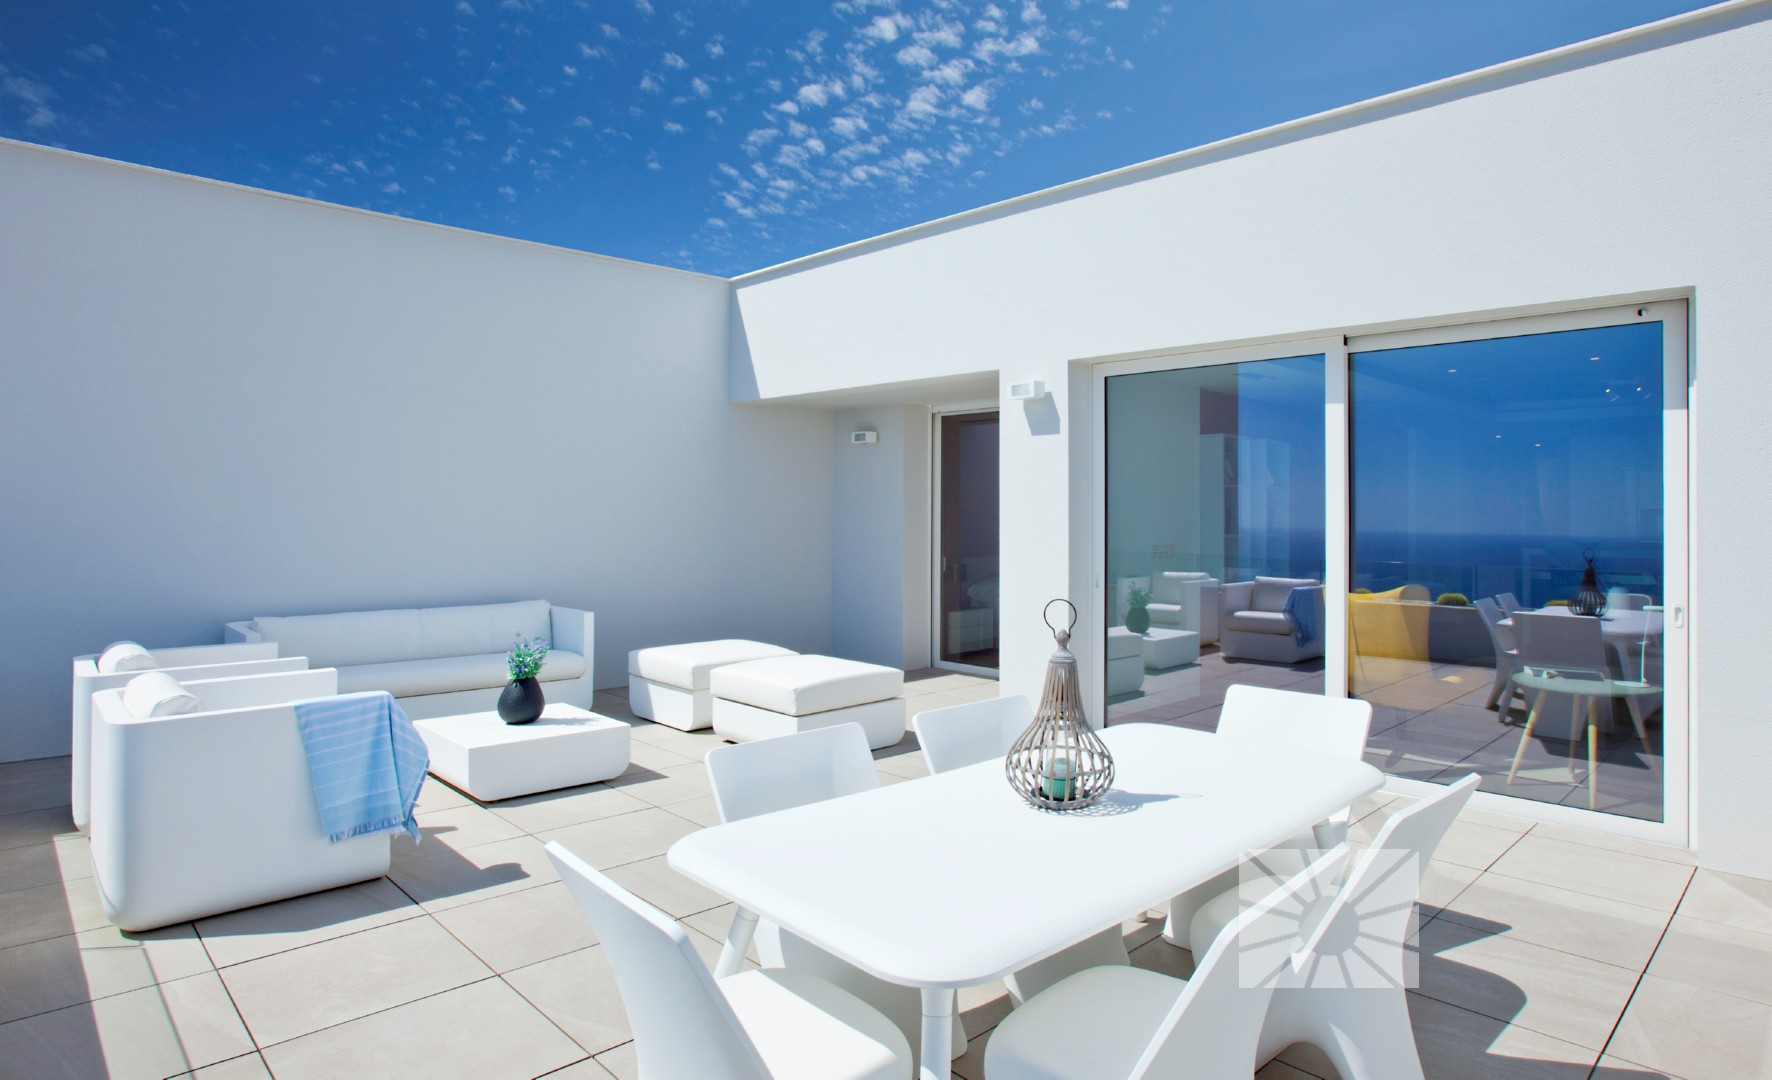 Blue Infinity Cumbre Del Sol Benitachell Appartement De Luxe  # Meuble Tv Double Face